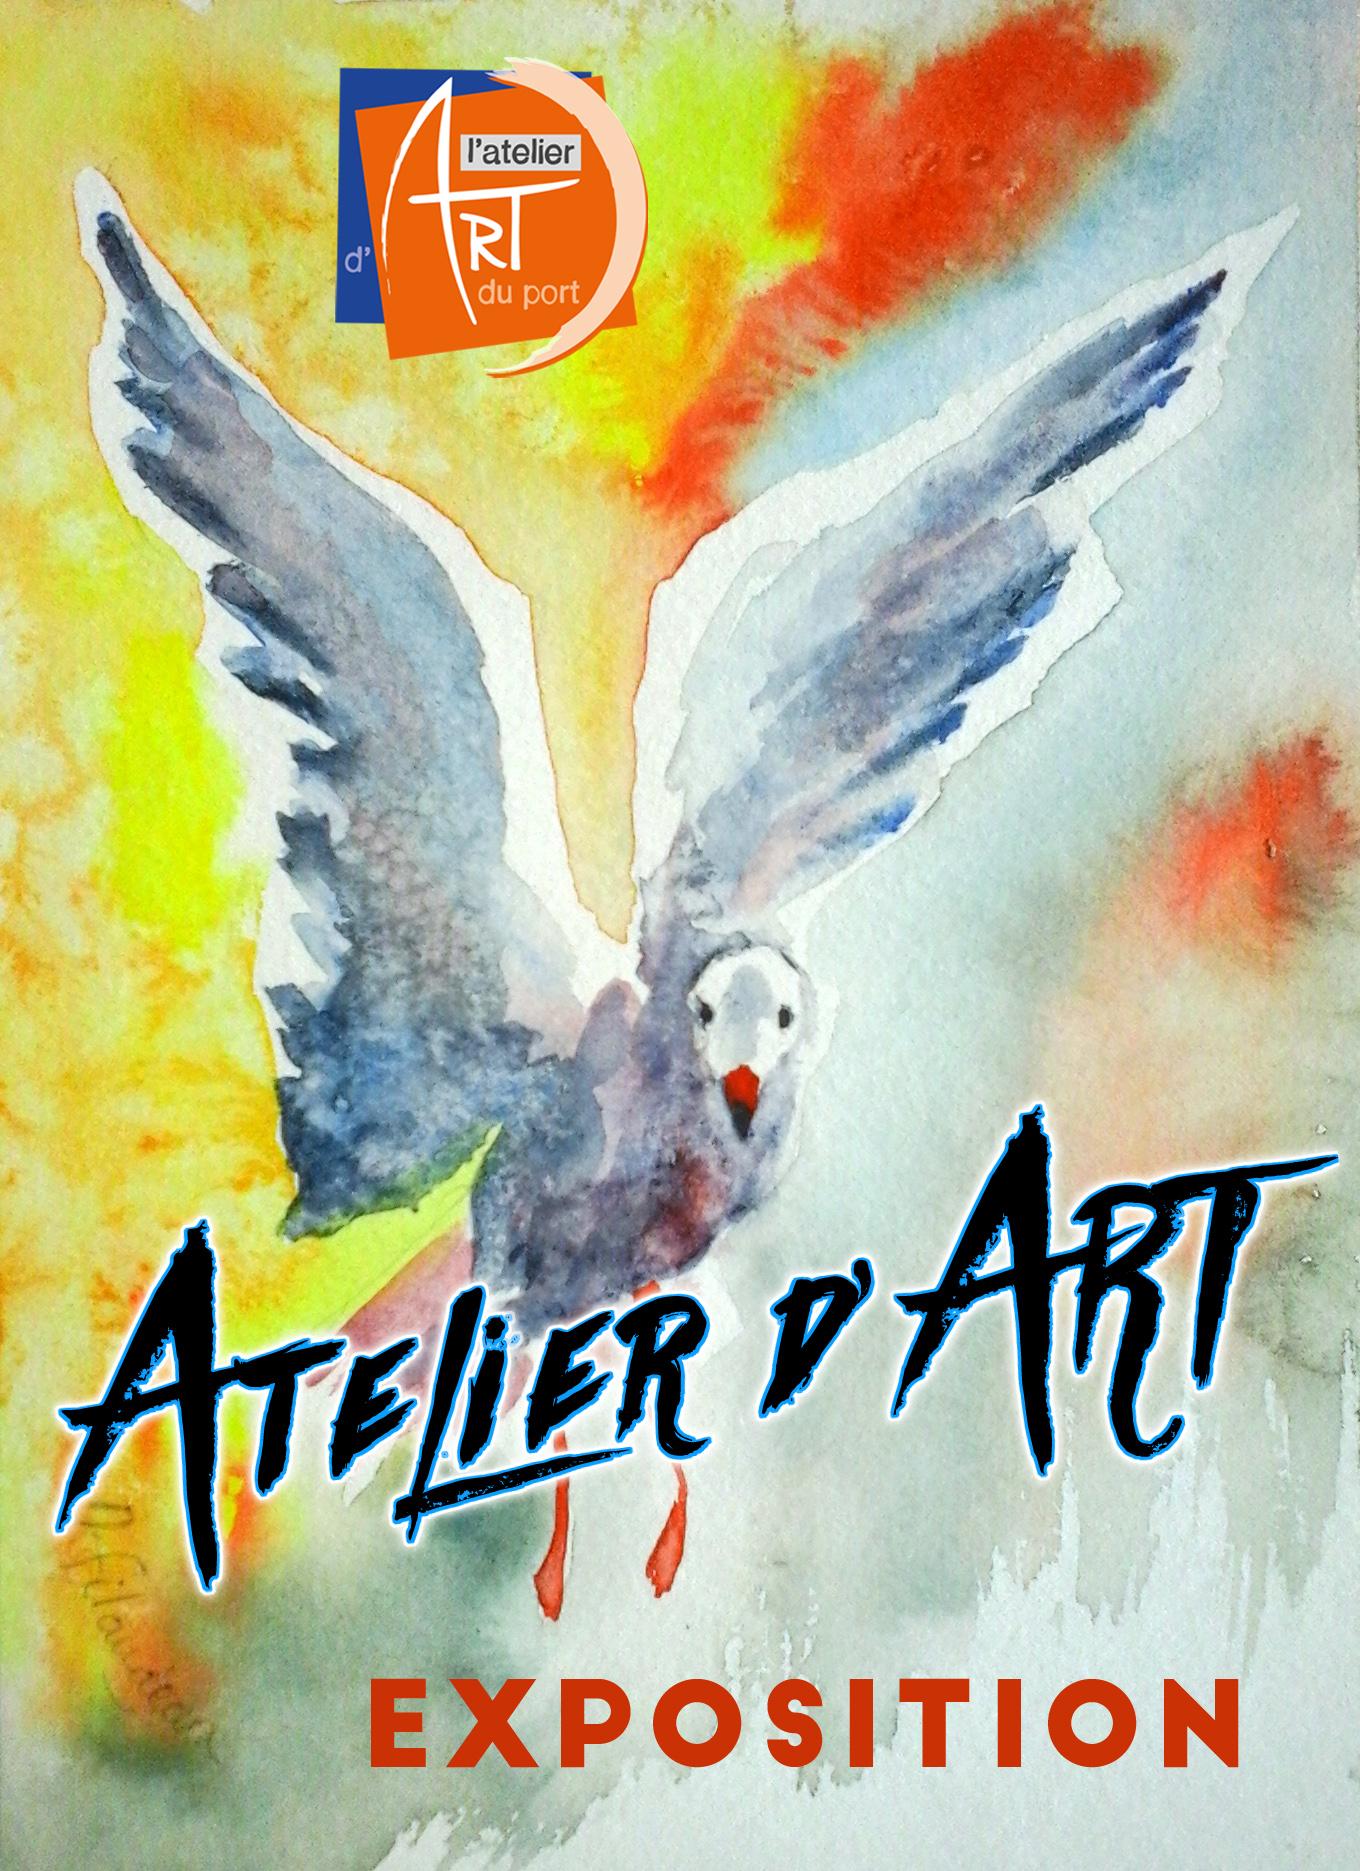 3ème Portes-Ouvertes à l'Atelier d'ART du port les samedi 16 et dimanche 17 septembre, de 11h à 19h.